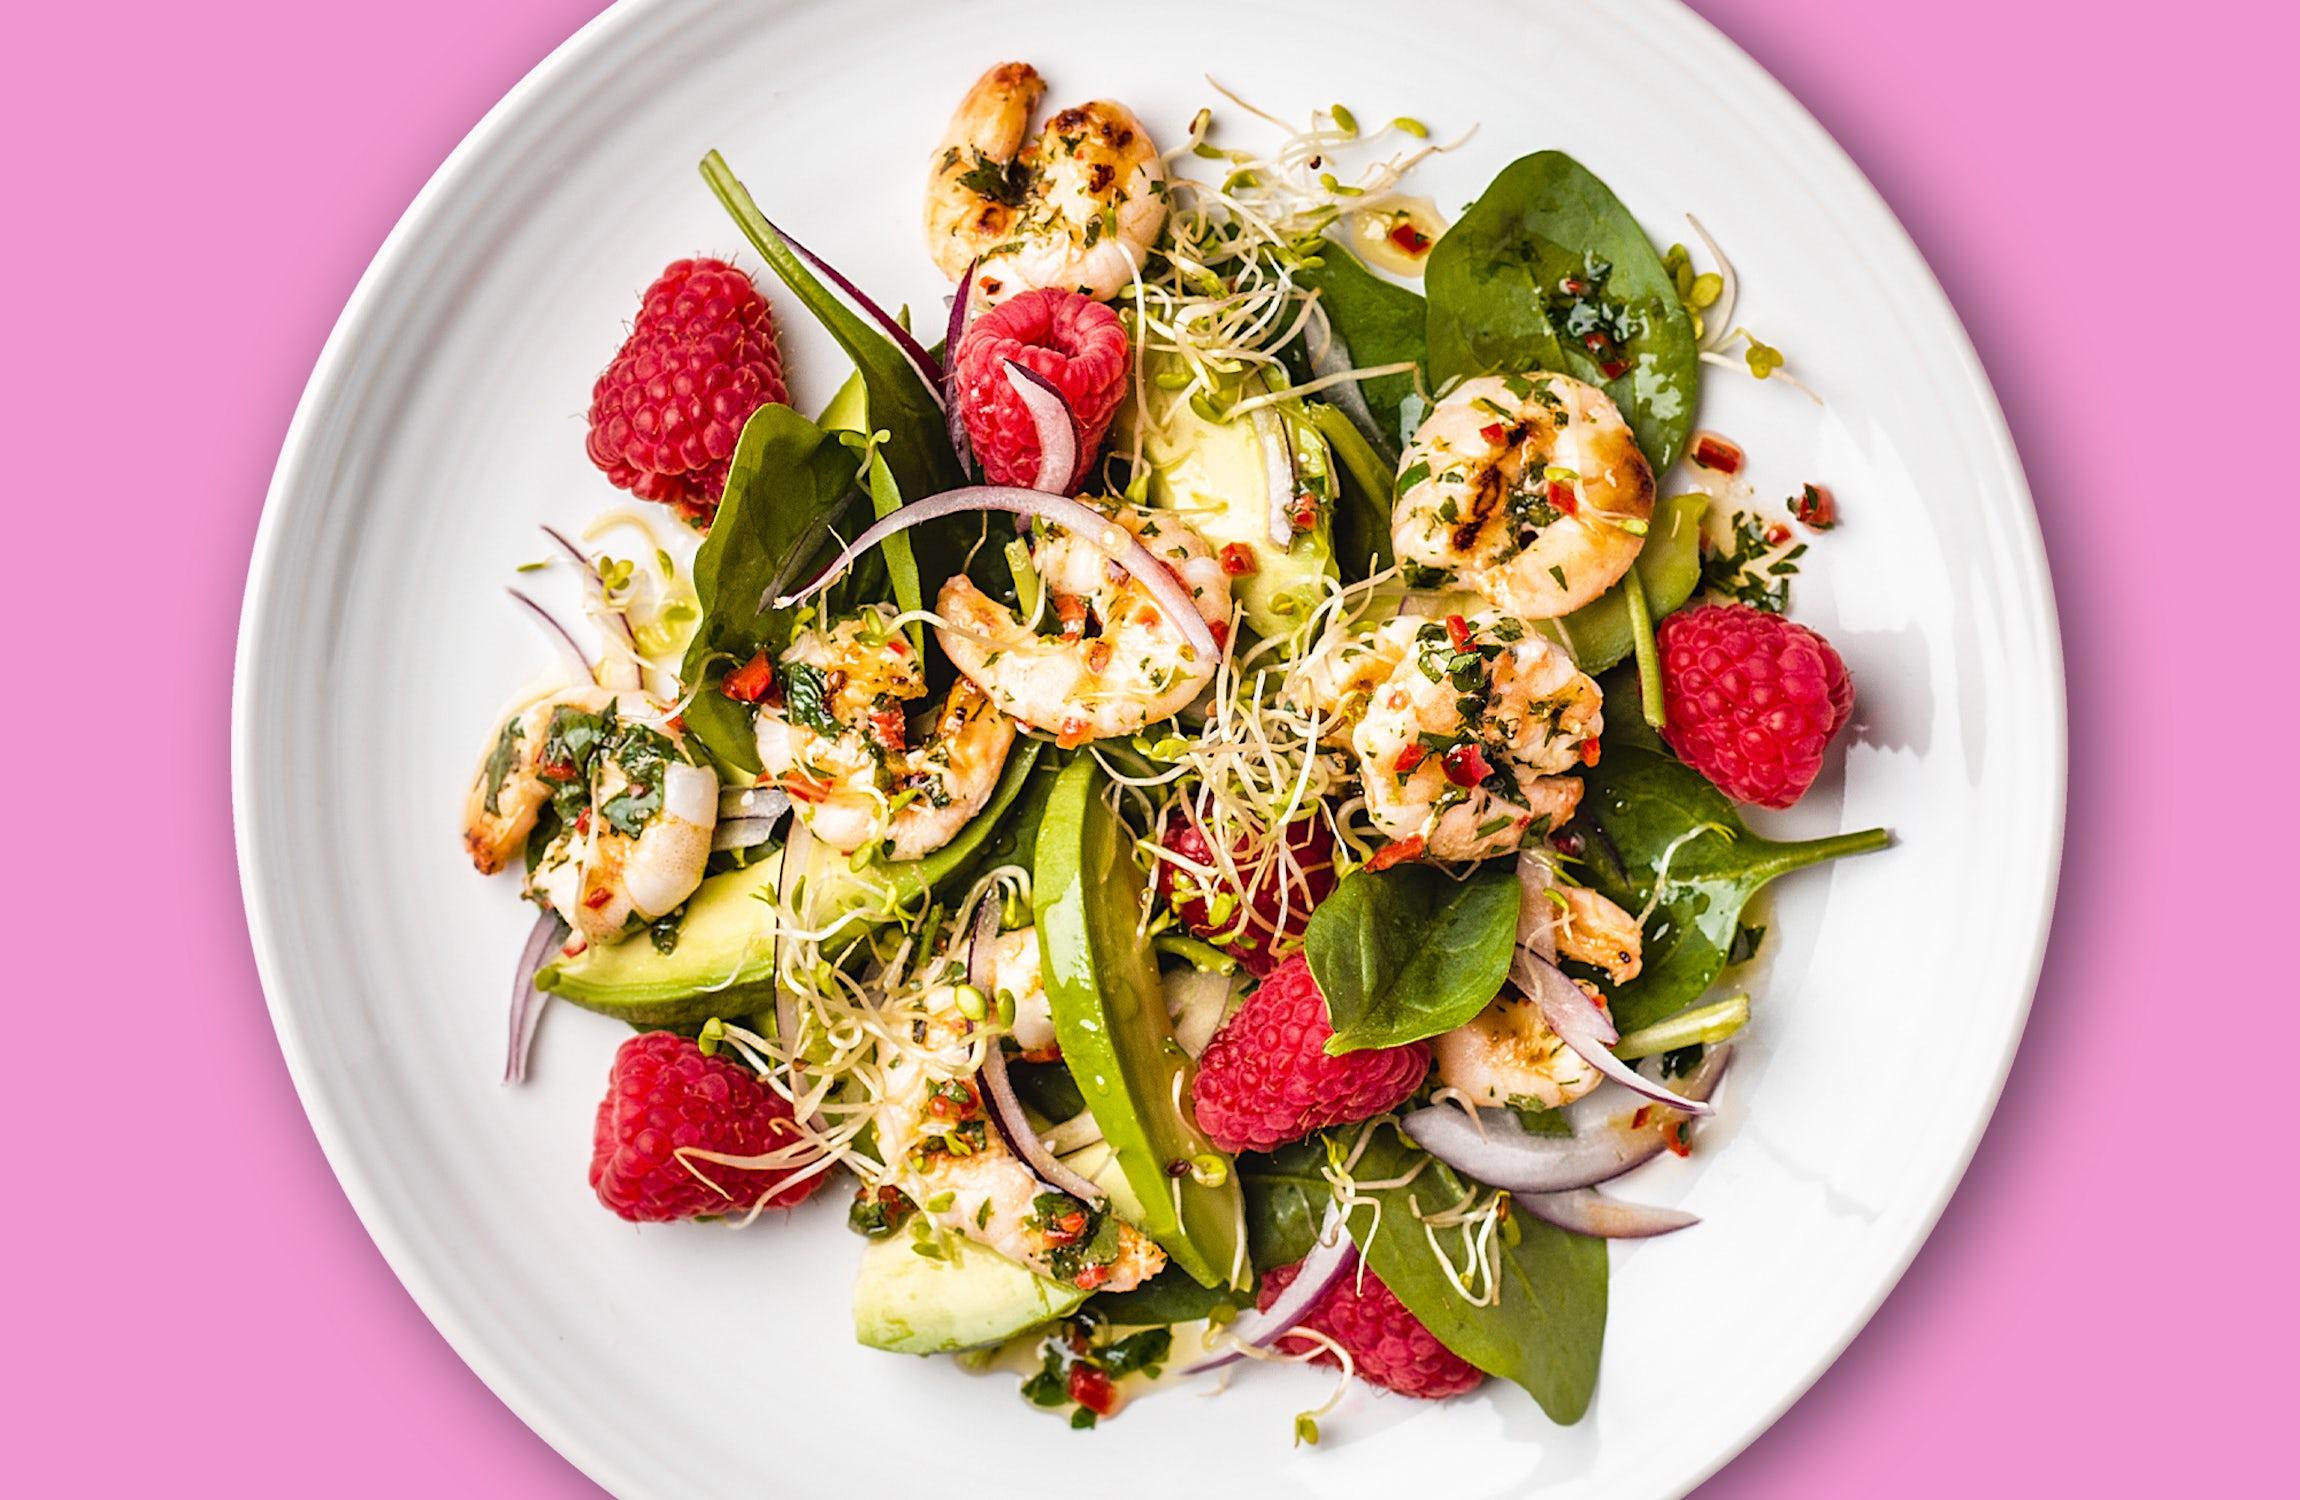 Oh My Goodness Prawn & Raspberry Salad